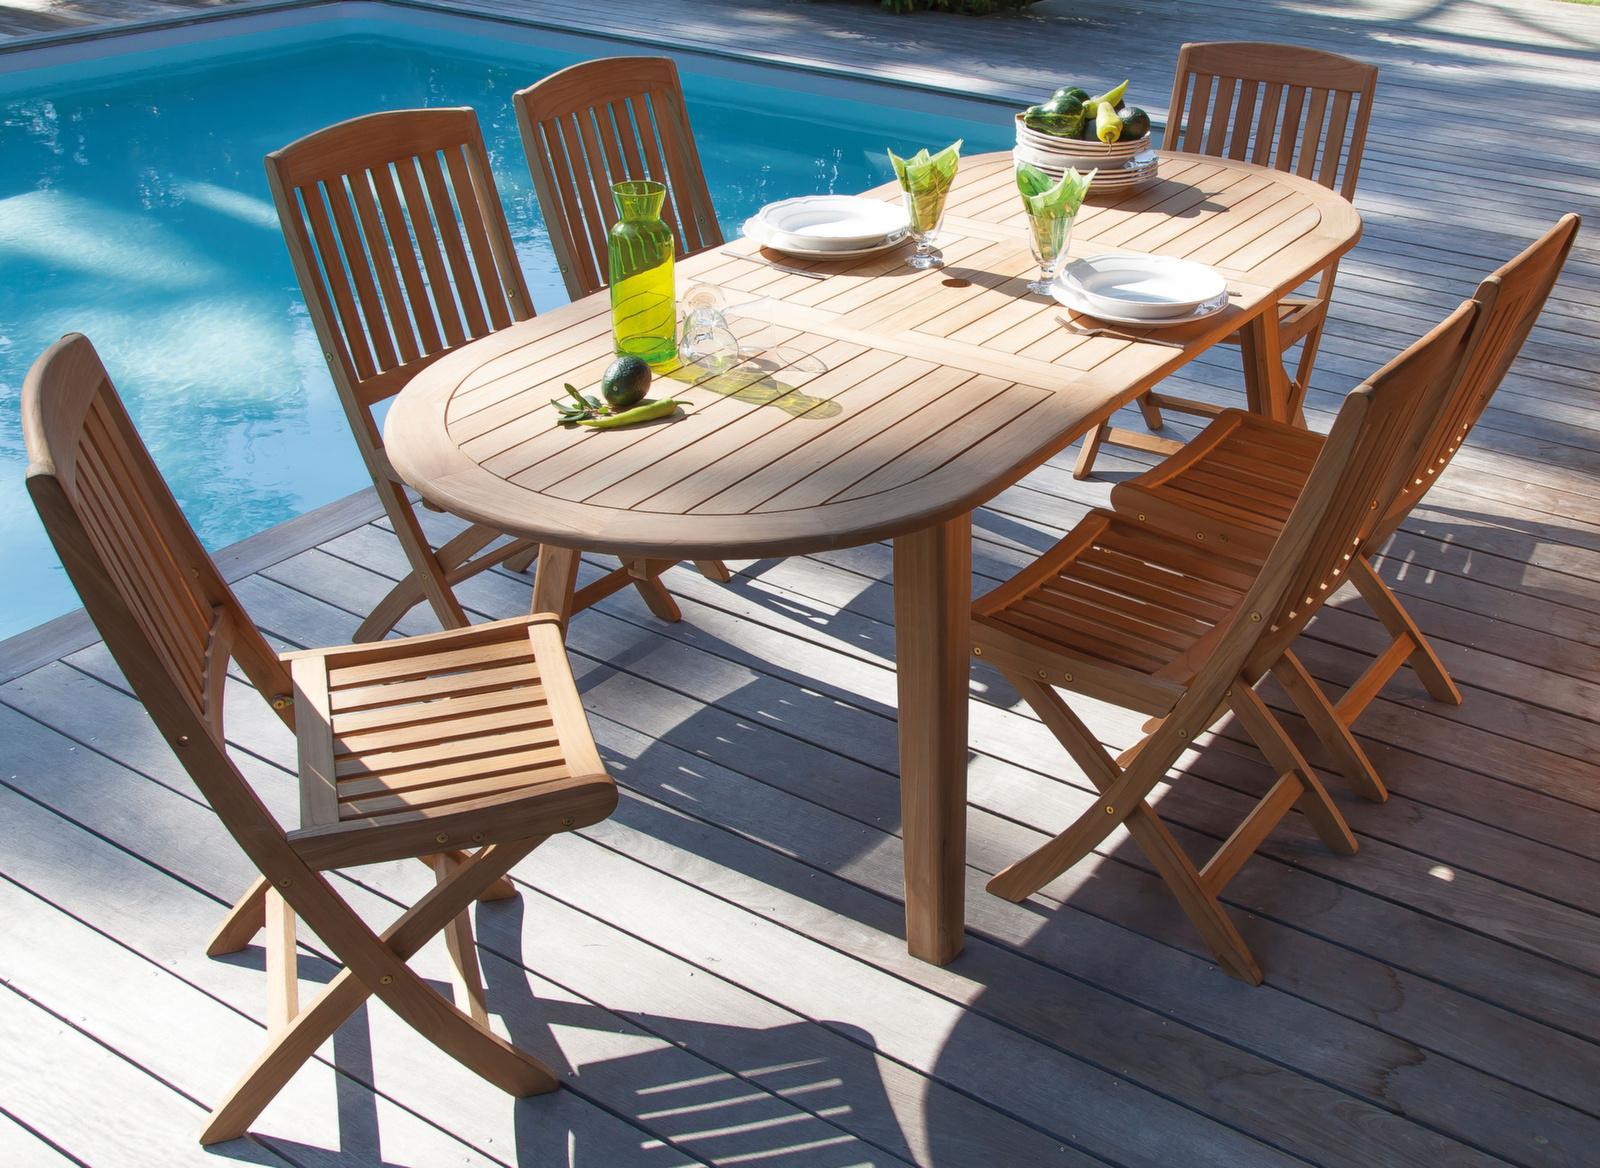 Chaise de jardin en bois Macon – Meubles d\'extérieur – Proloisirs